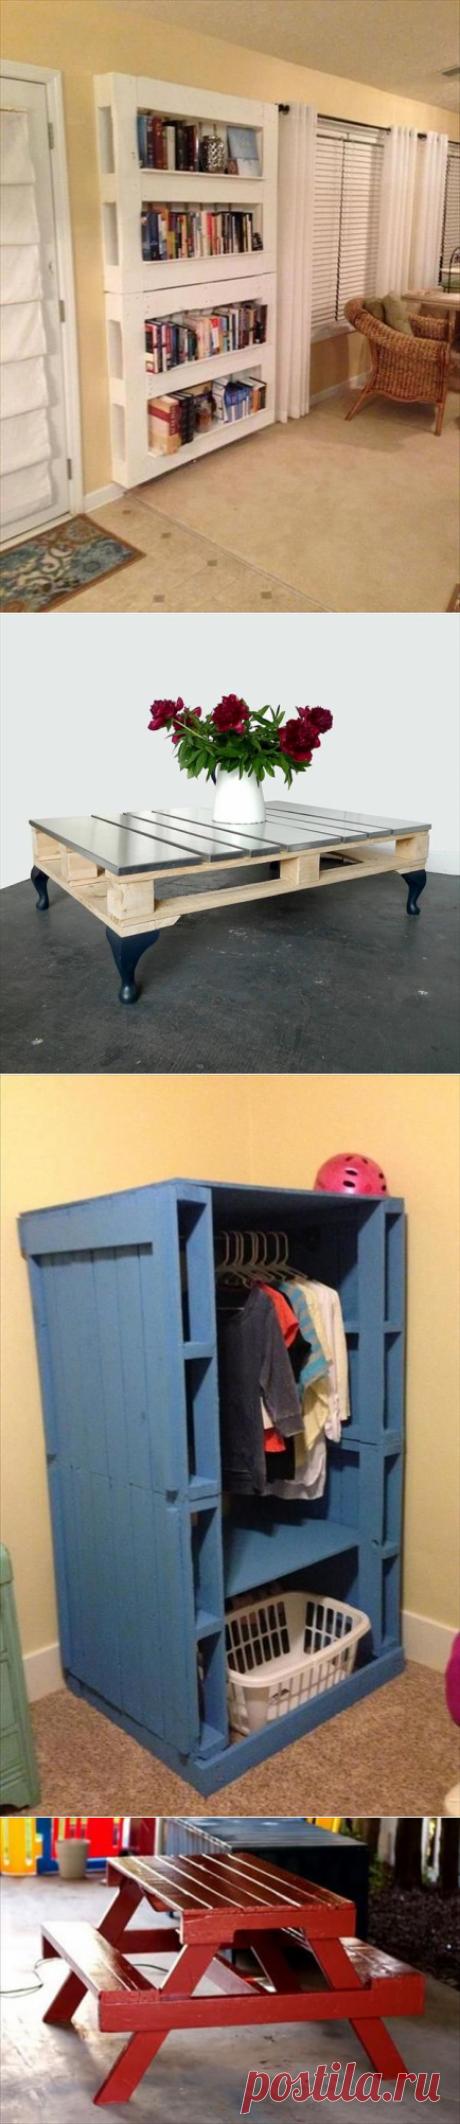 Идеи использования паллет в качестве мебели